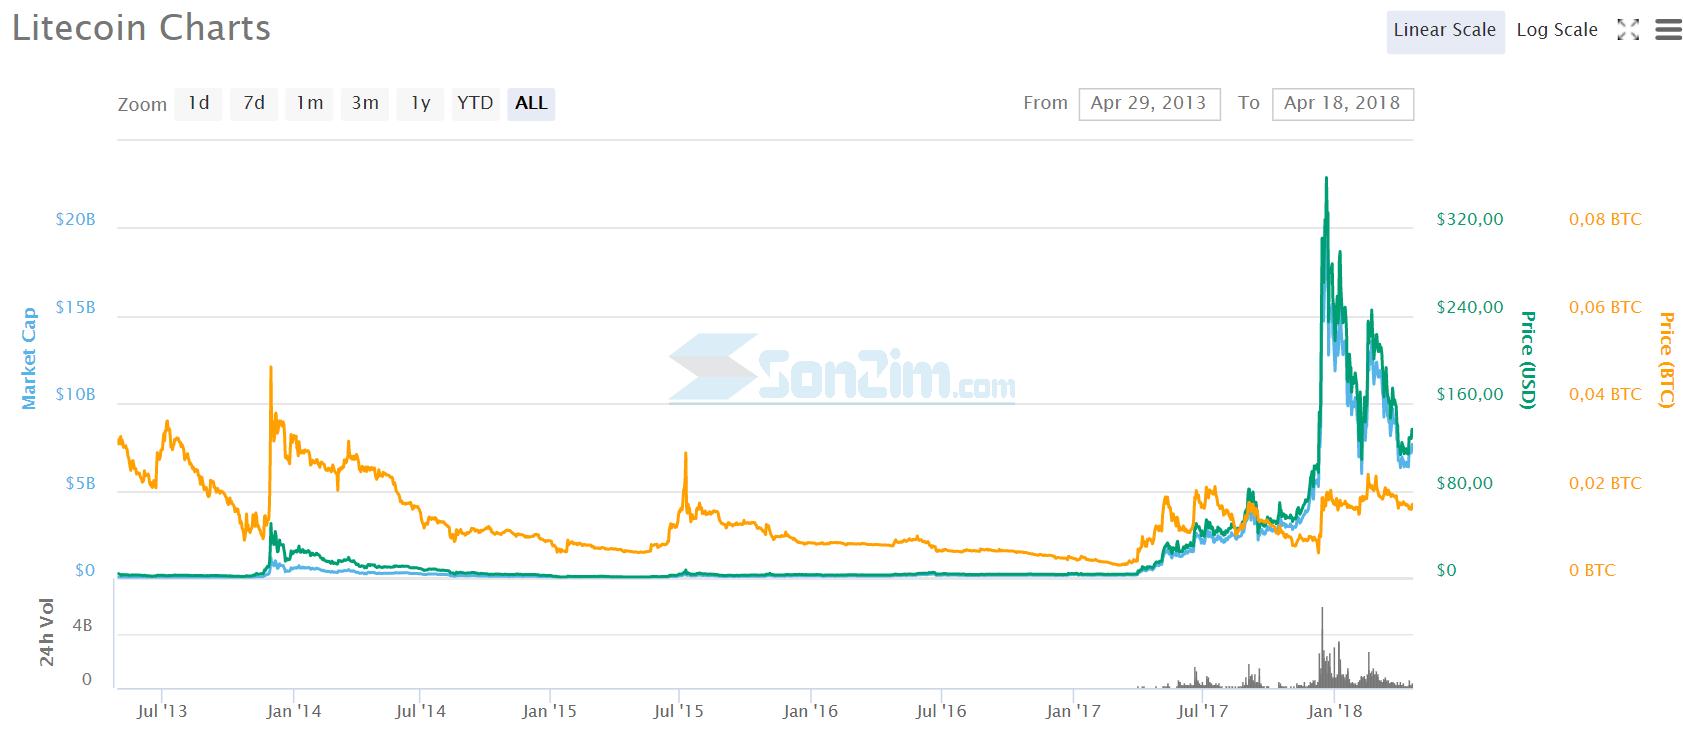 Biểu đồ giá Litecoin từ năm 2013 đến hôm nay 18/4/2018